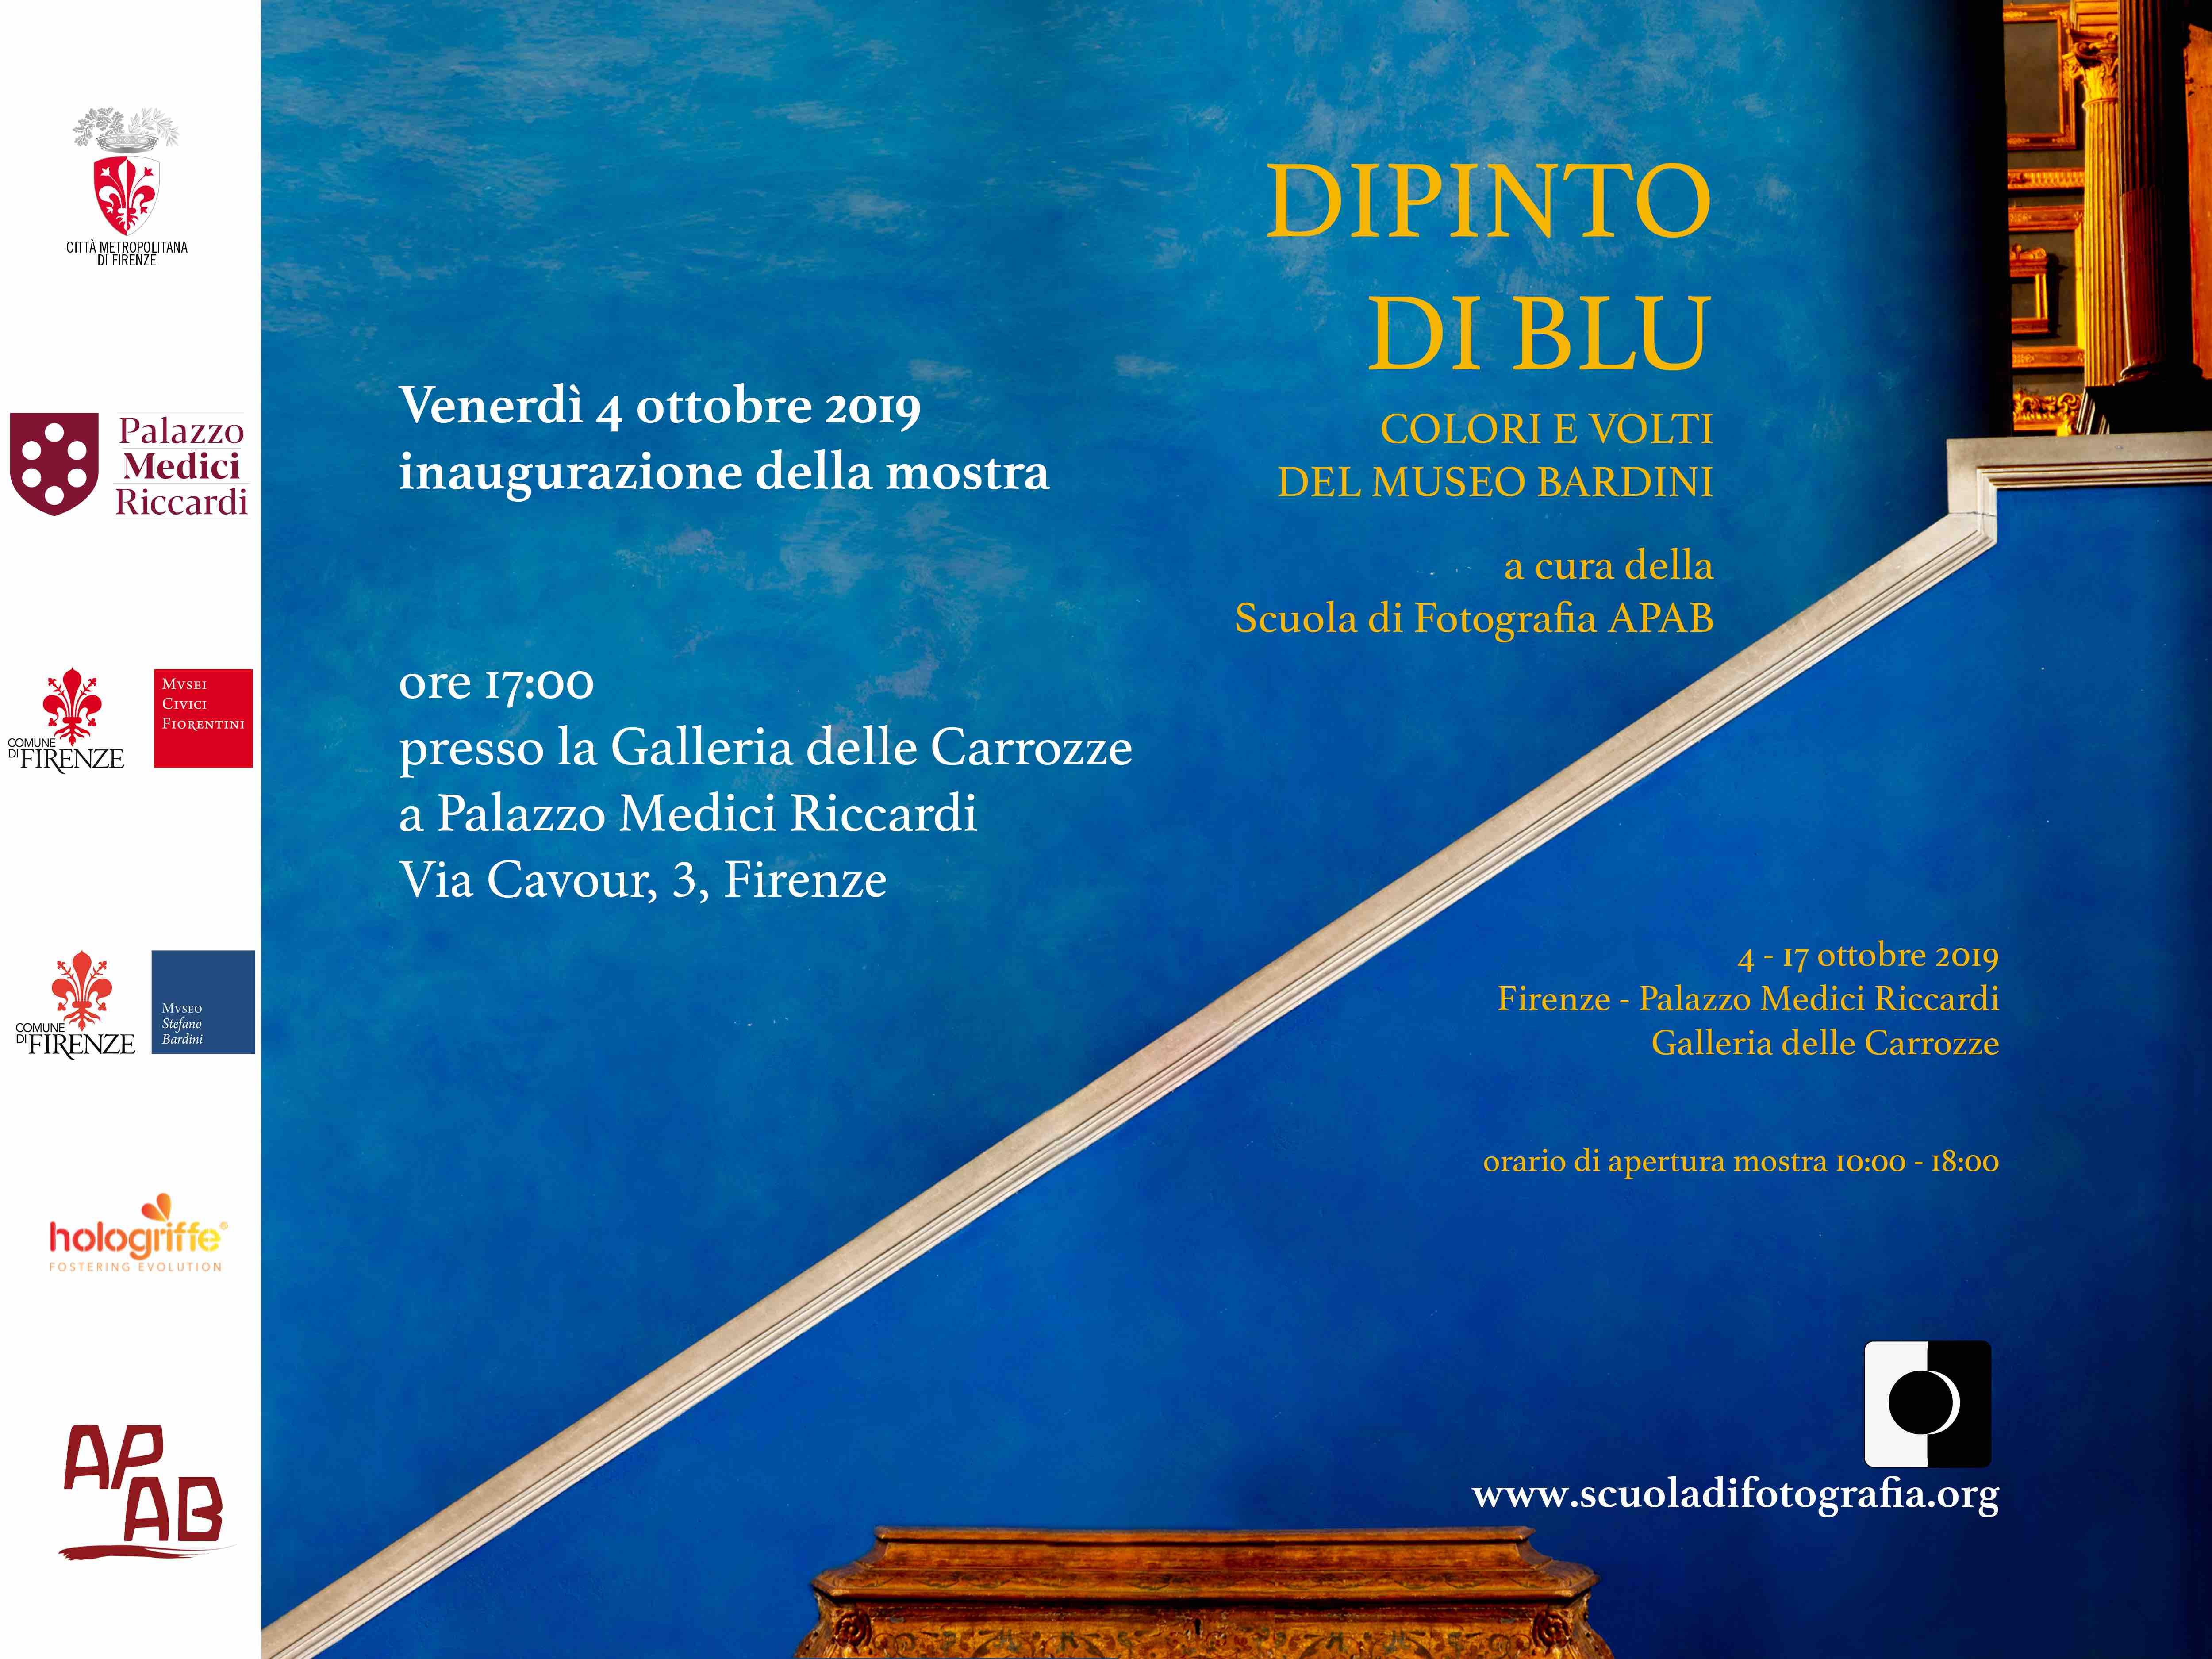 Dipinto Di Blu.  Colori E Volti Al Museo Bardini – Inaugurazione Venerdì 4 Ottobre 2019 A Firenze